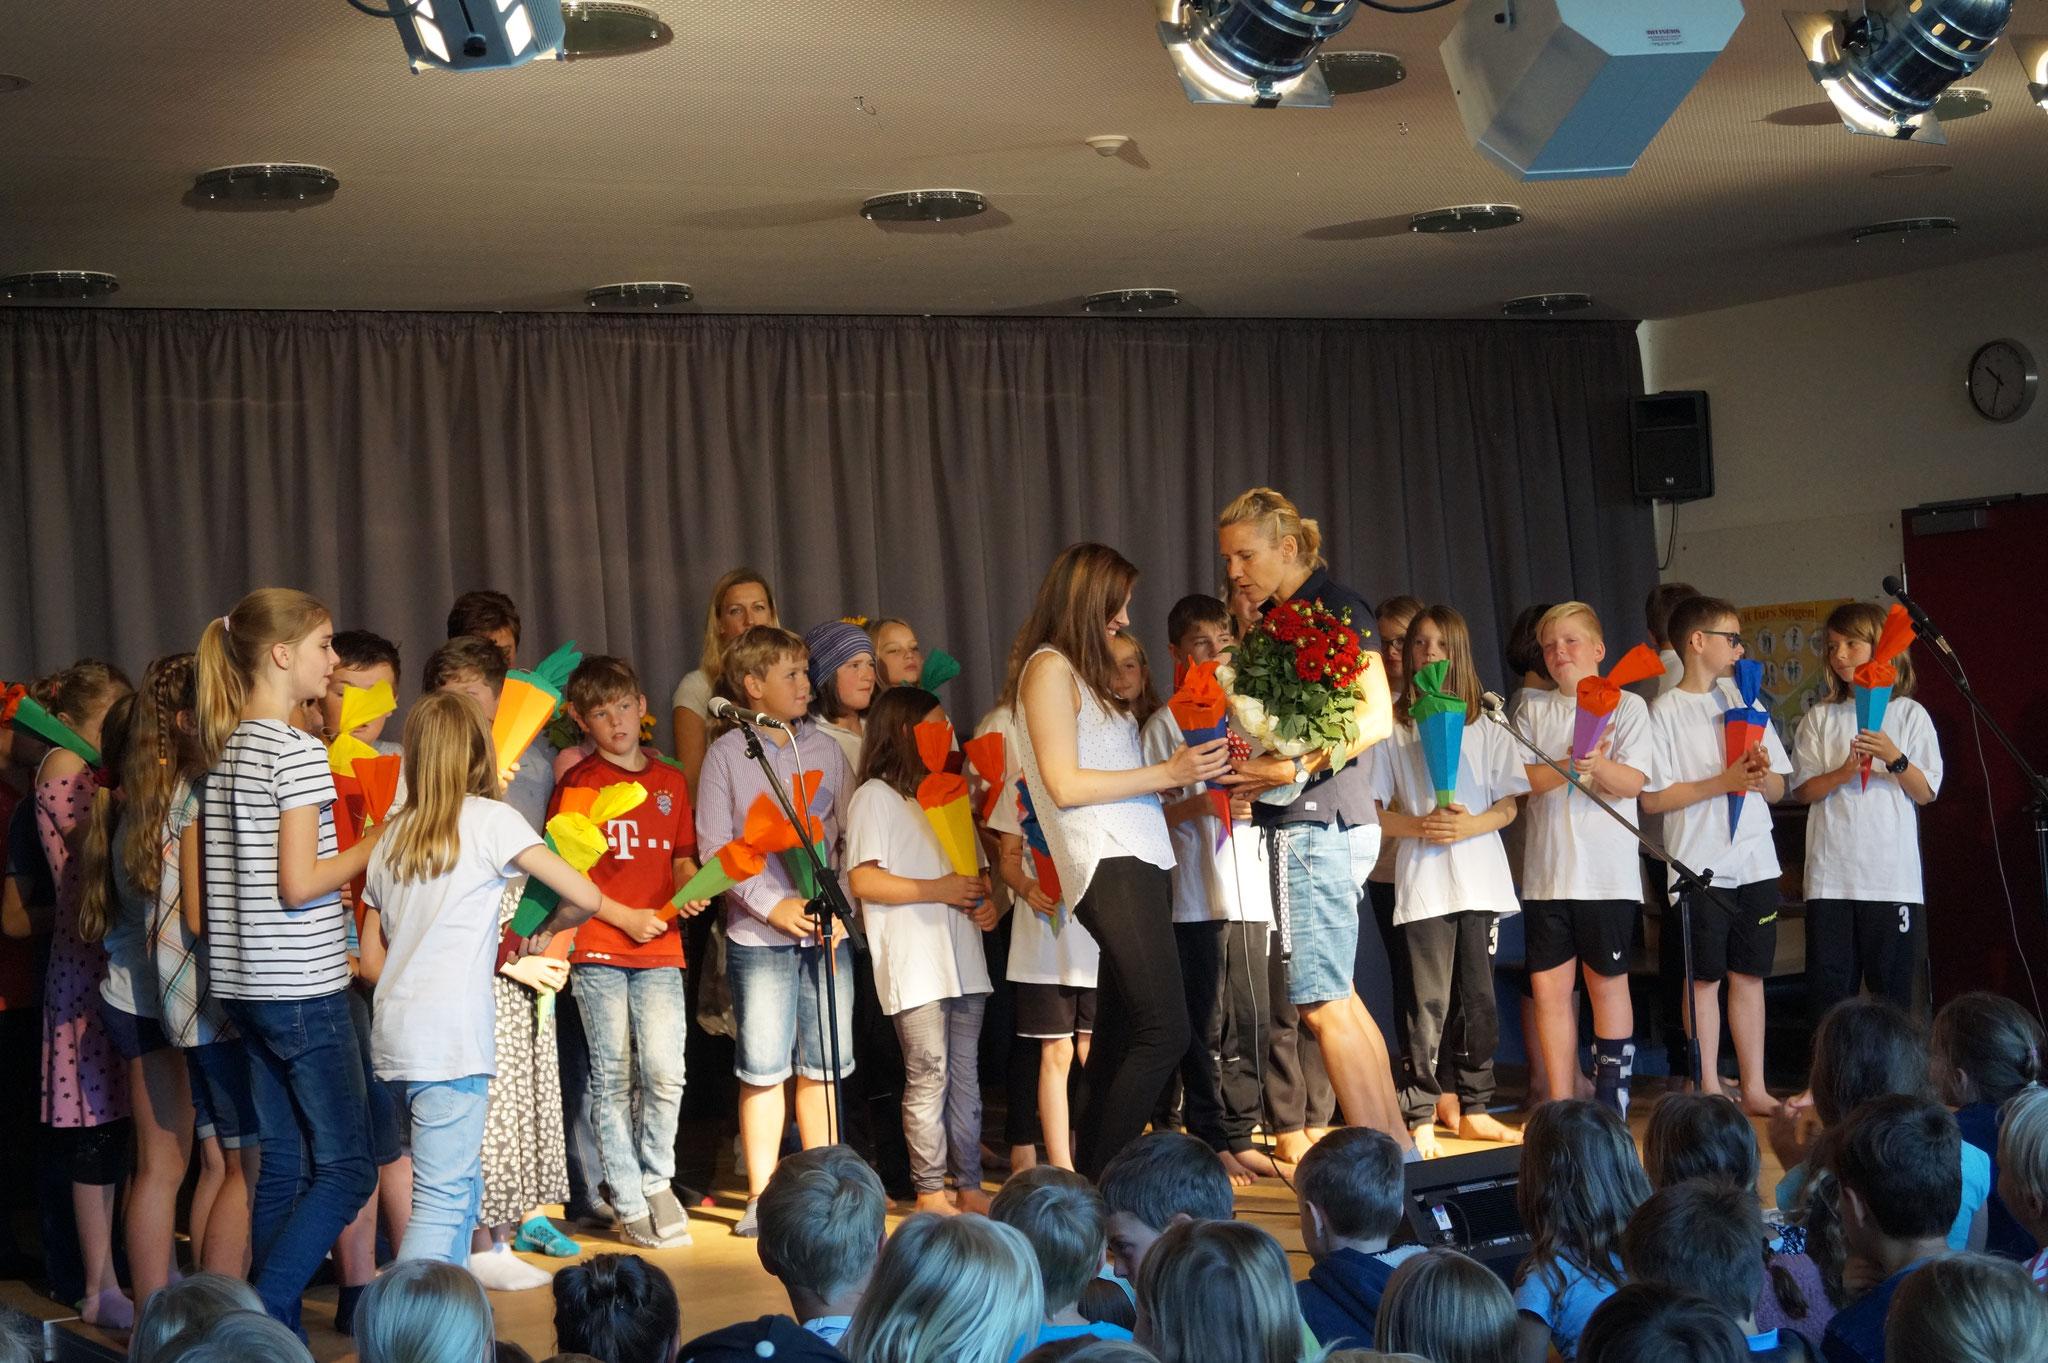 Die neue Schulleitung Frau Schwarz verabschiedet die scheidende Rektorin Frau Tönsing